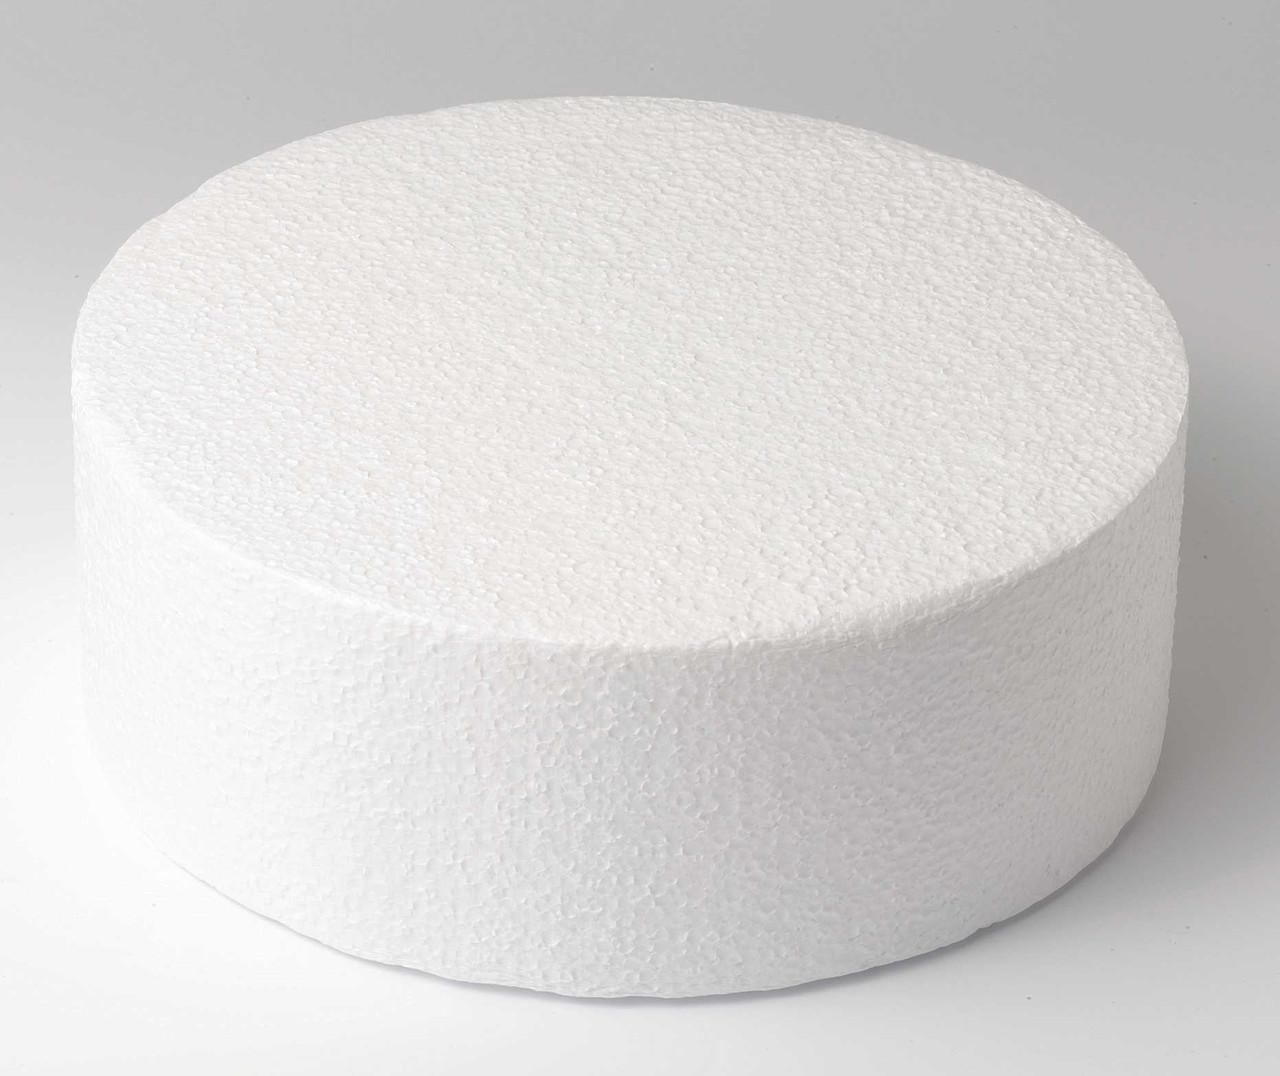 Пенопластовый муляж, диаметром 32 см